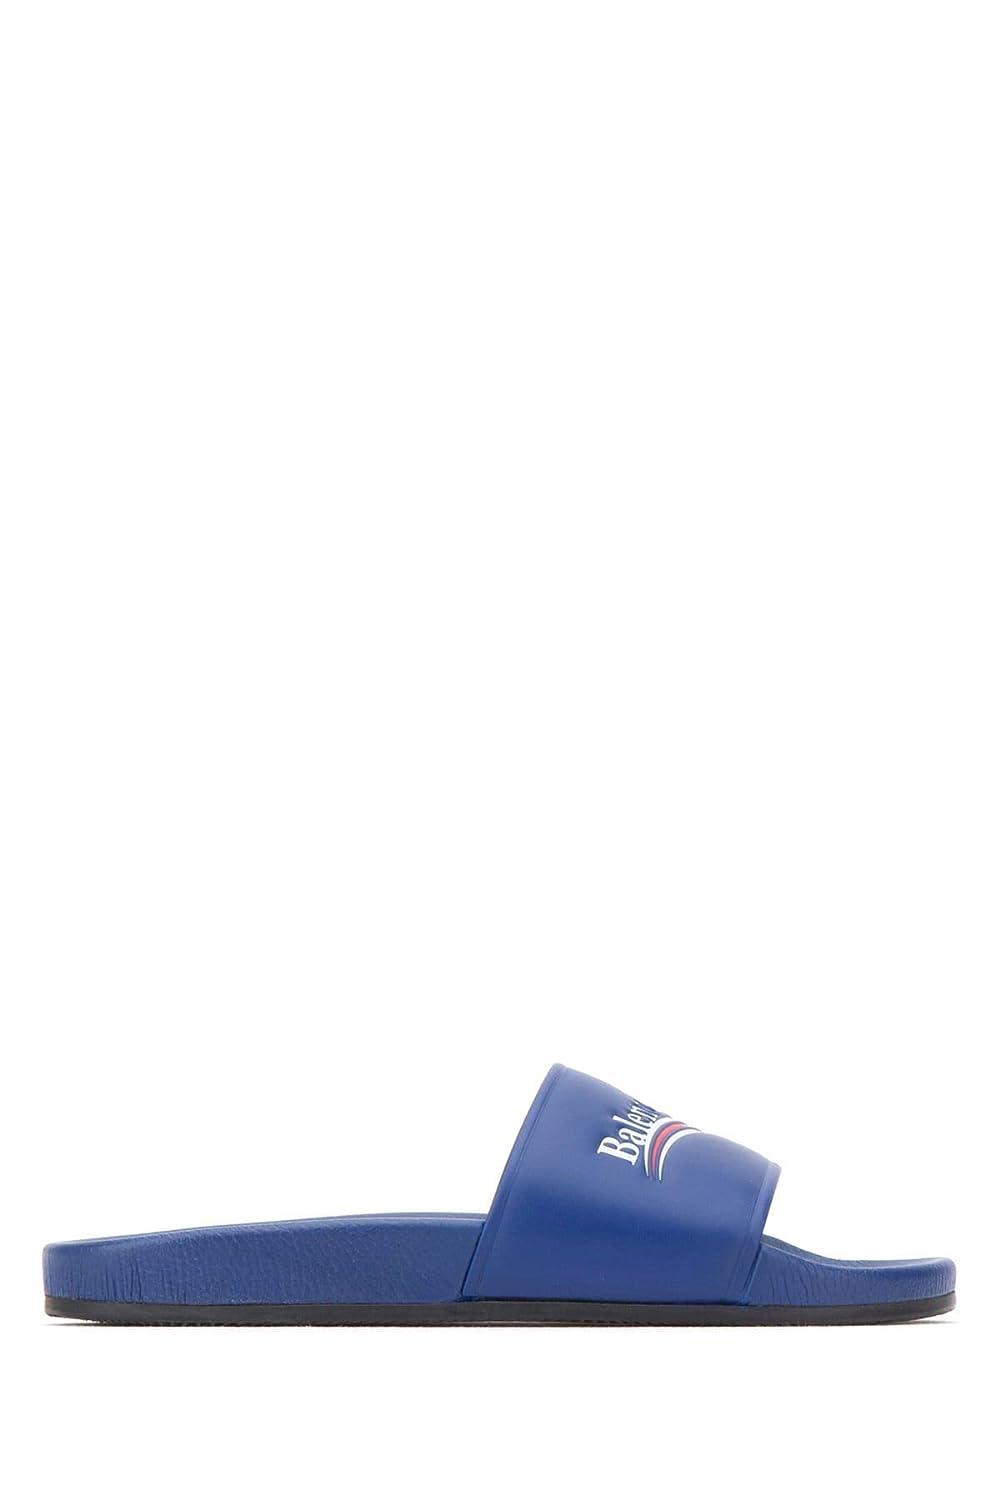 Balenciaga Sandalen Herren 530562WAM004045 Blau Leder Sandalen Balenciaga 23f6b4